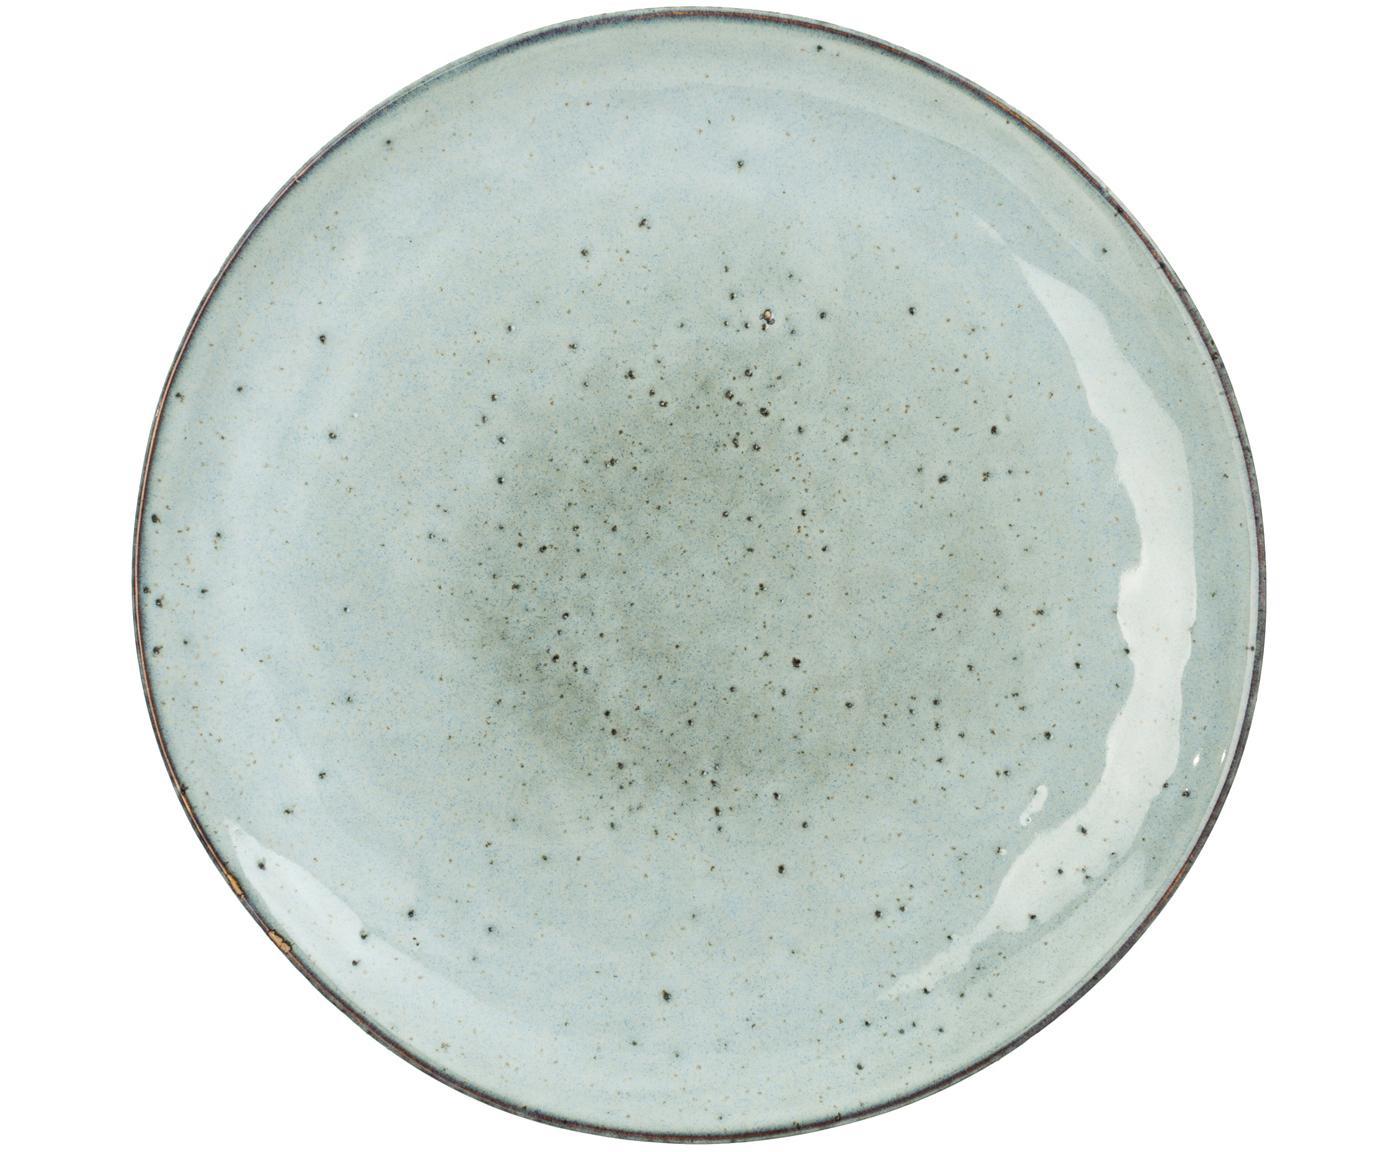 Talerz śniadaniowy Rustic, 4 szt., Porcelana, Jasnoszary, zielony, Ø 20 cm